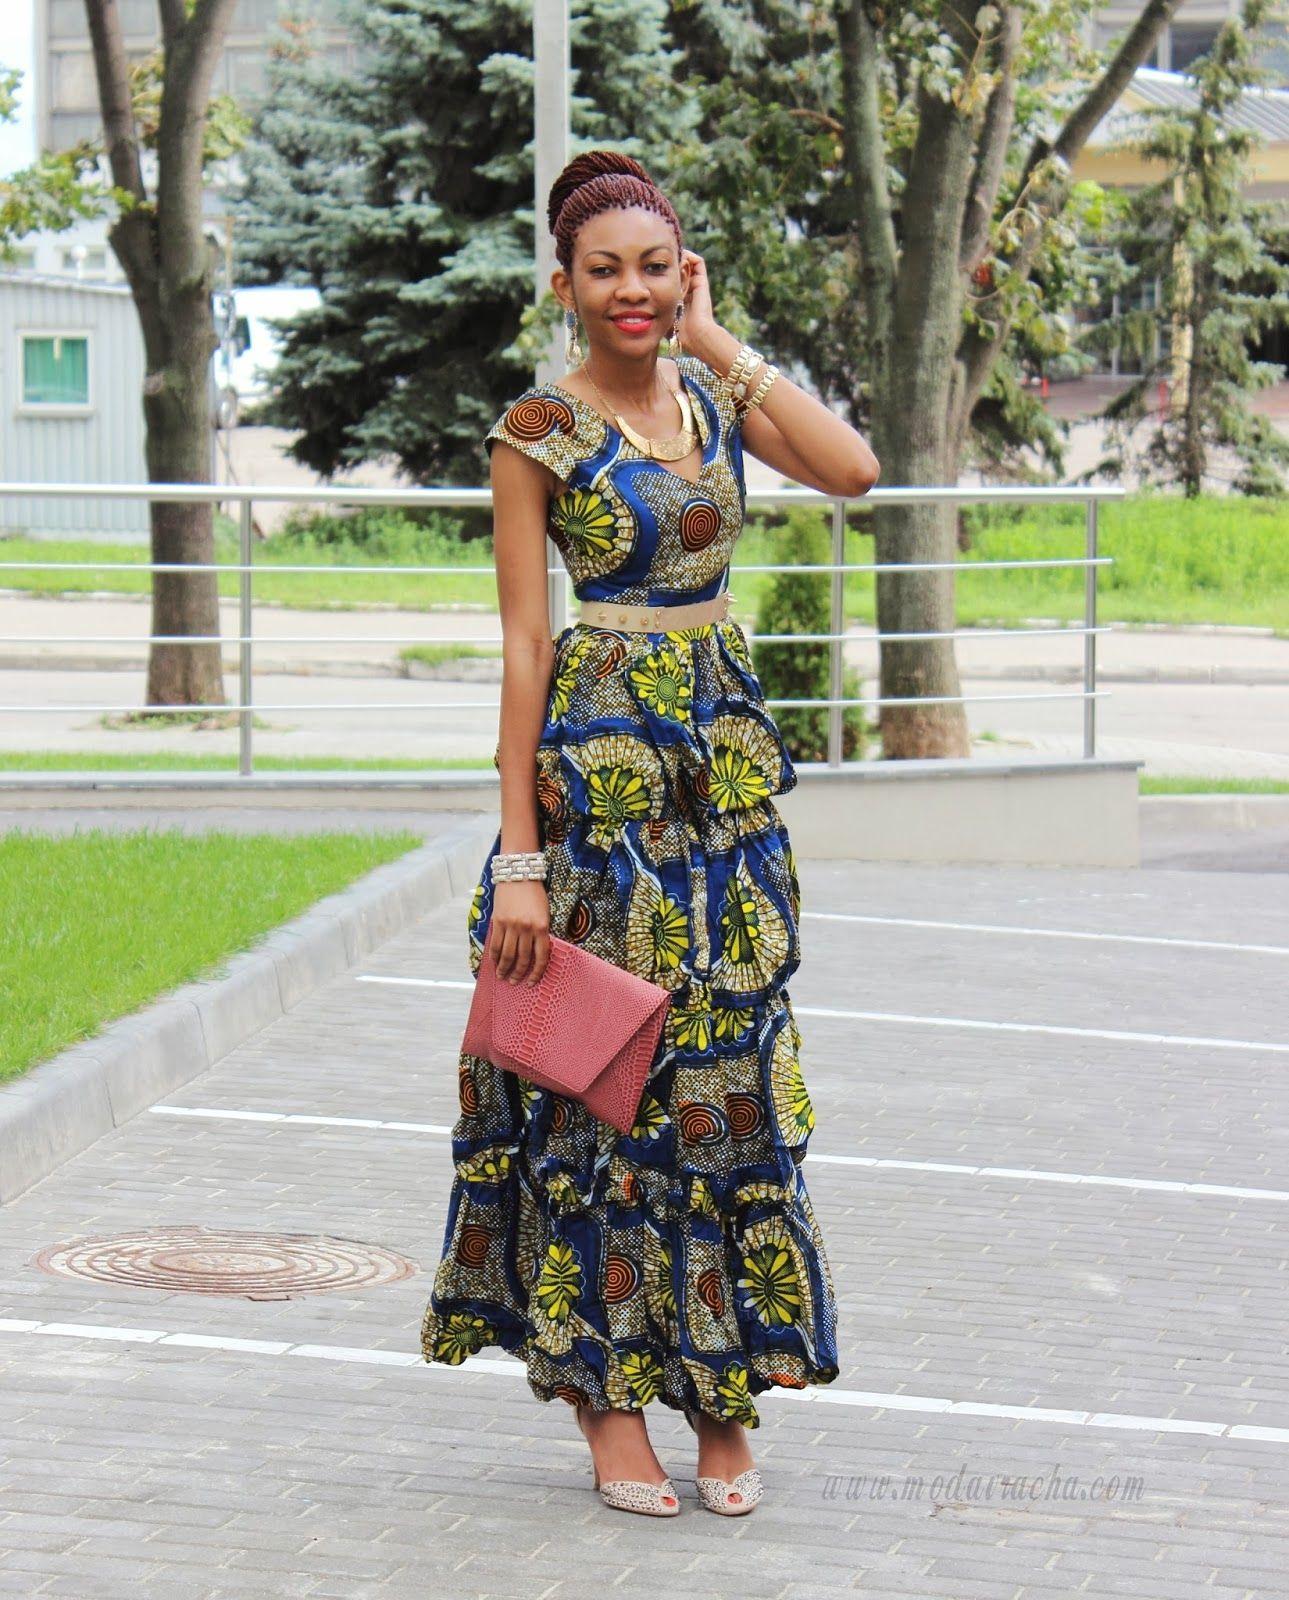 Nigerian fashion styles for women - Fashion